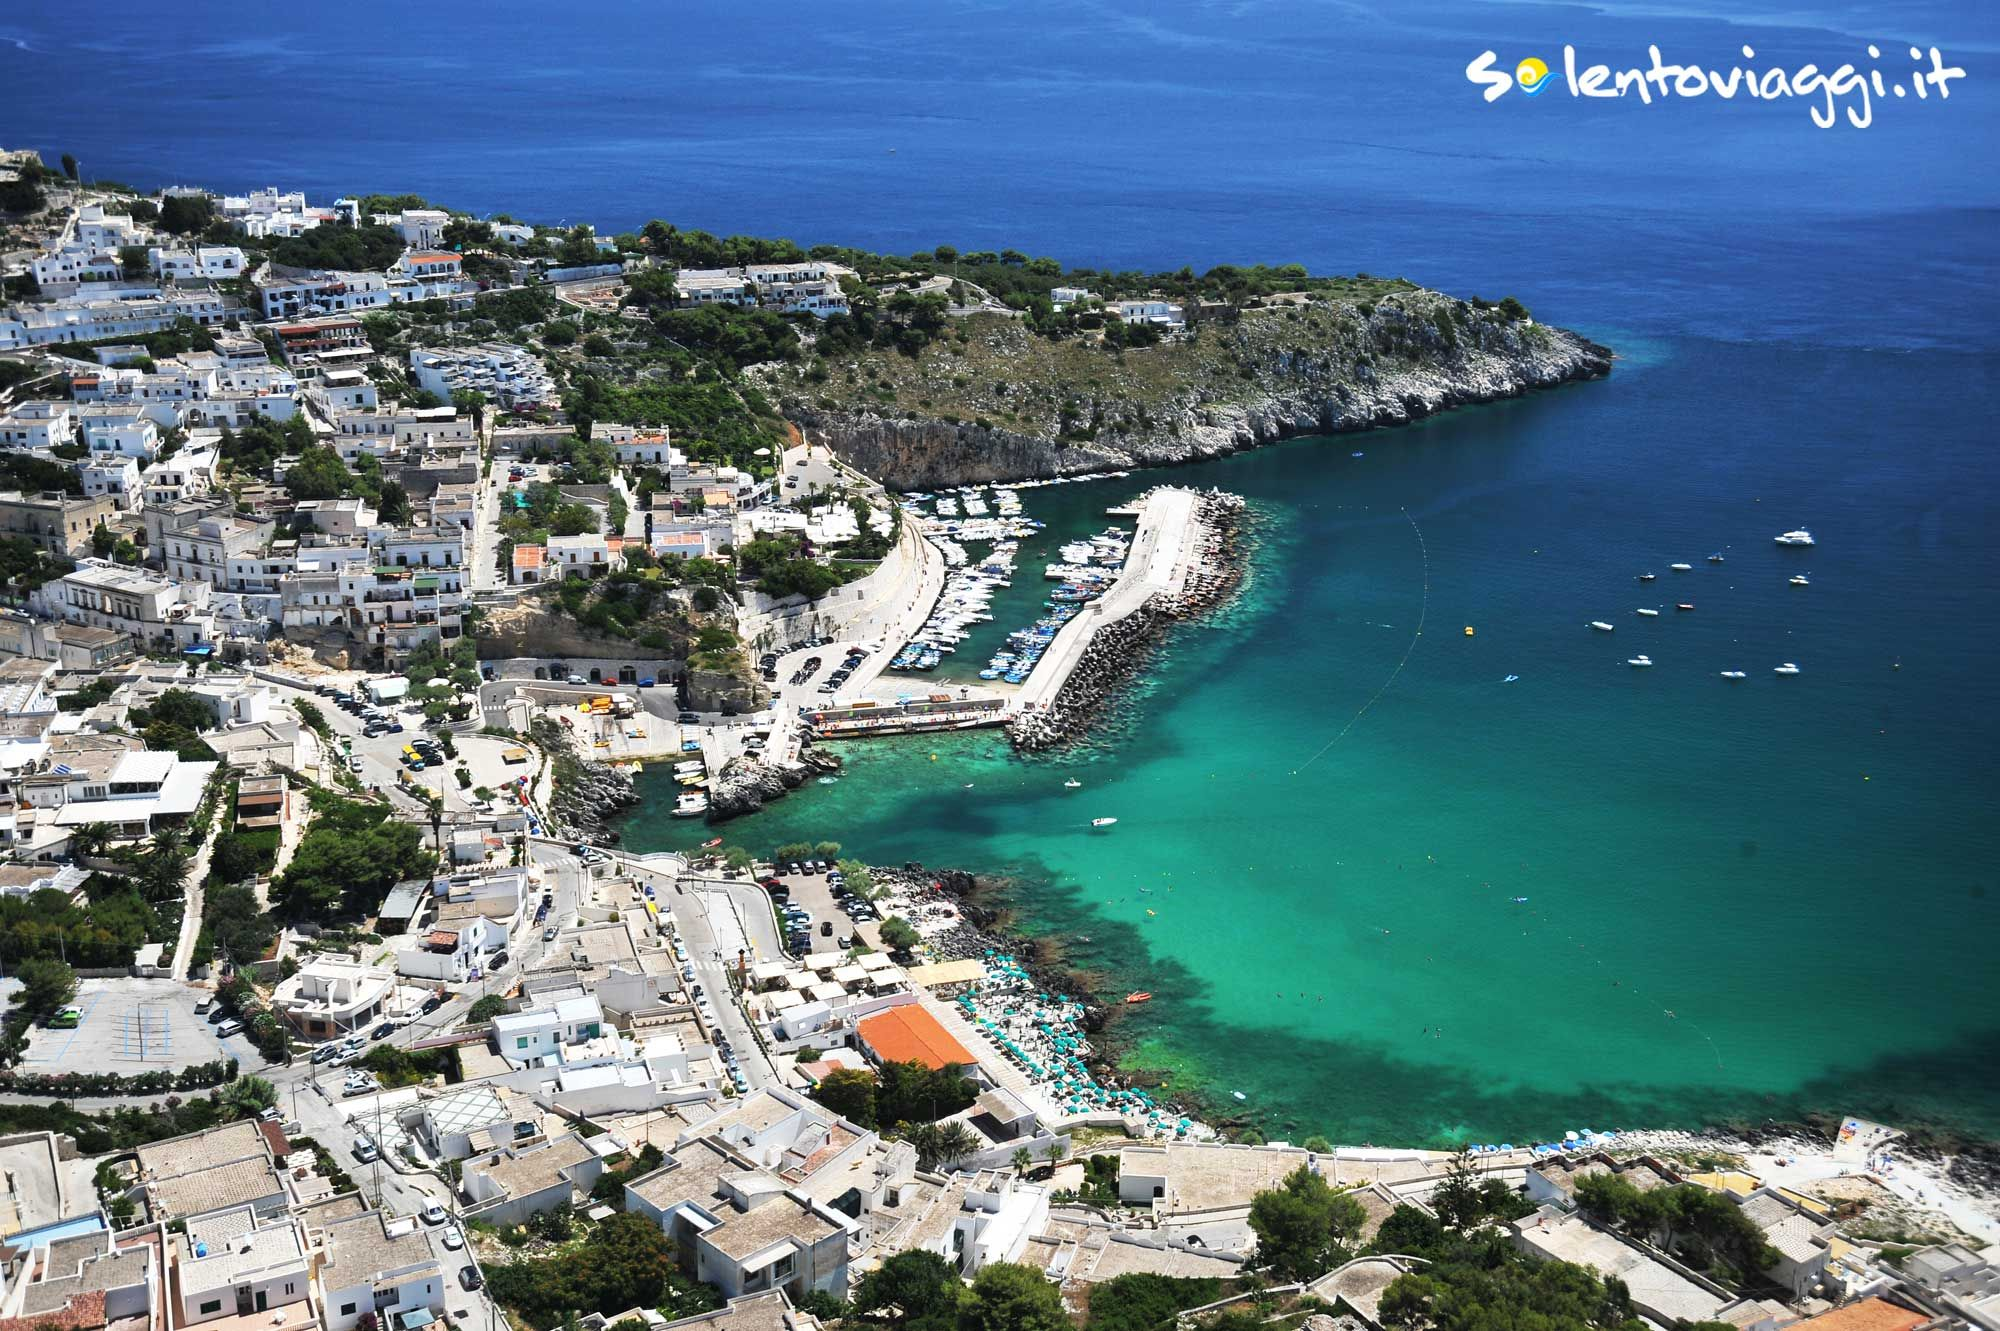 L'insenatura di #CastroMarina presenta paesaggi mozzafiato e interessanti fondali per le #immersioni.  Tante sono le offerte di vacanza, clicca e vedi qui http://www.salentoviaggi.it/salento/offerte-vacanze-castro.htm  Numerose sono inoltre imbarcazioni da noleggiare per escursioni in mare, vedi qui http://www.salentoviaggi.it/esercizi-commerciali/comune-castro/noleggio-barche-salento